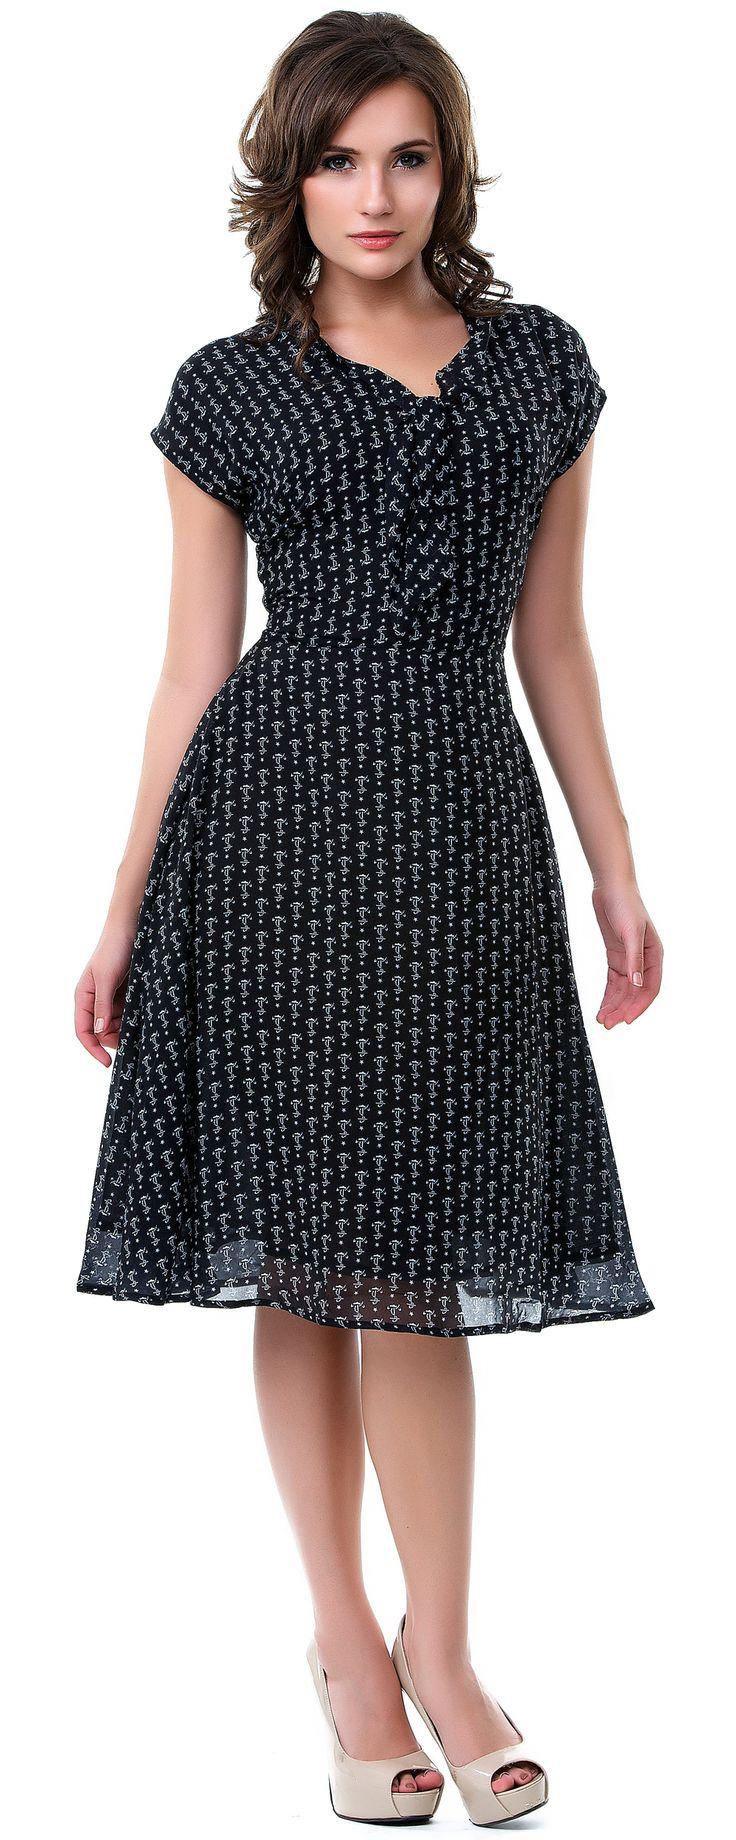 Black Tie Me Up Anchor Dress - Unique Vintage - Prom dresses, retro dresses, retro swimsuits.